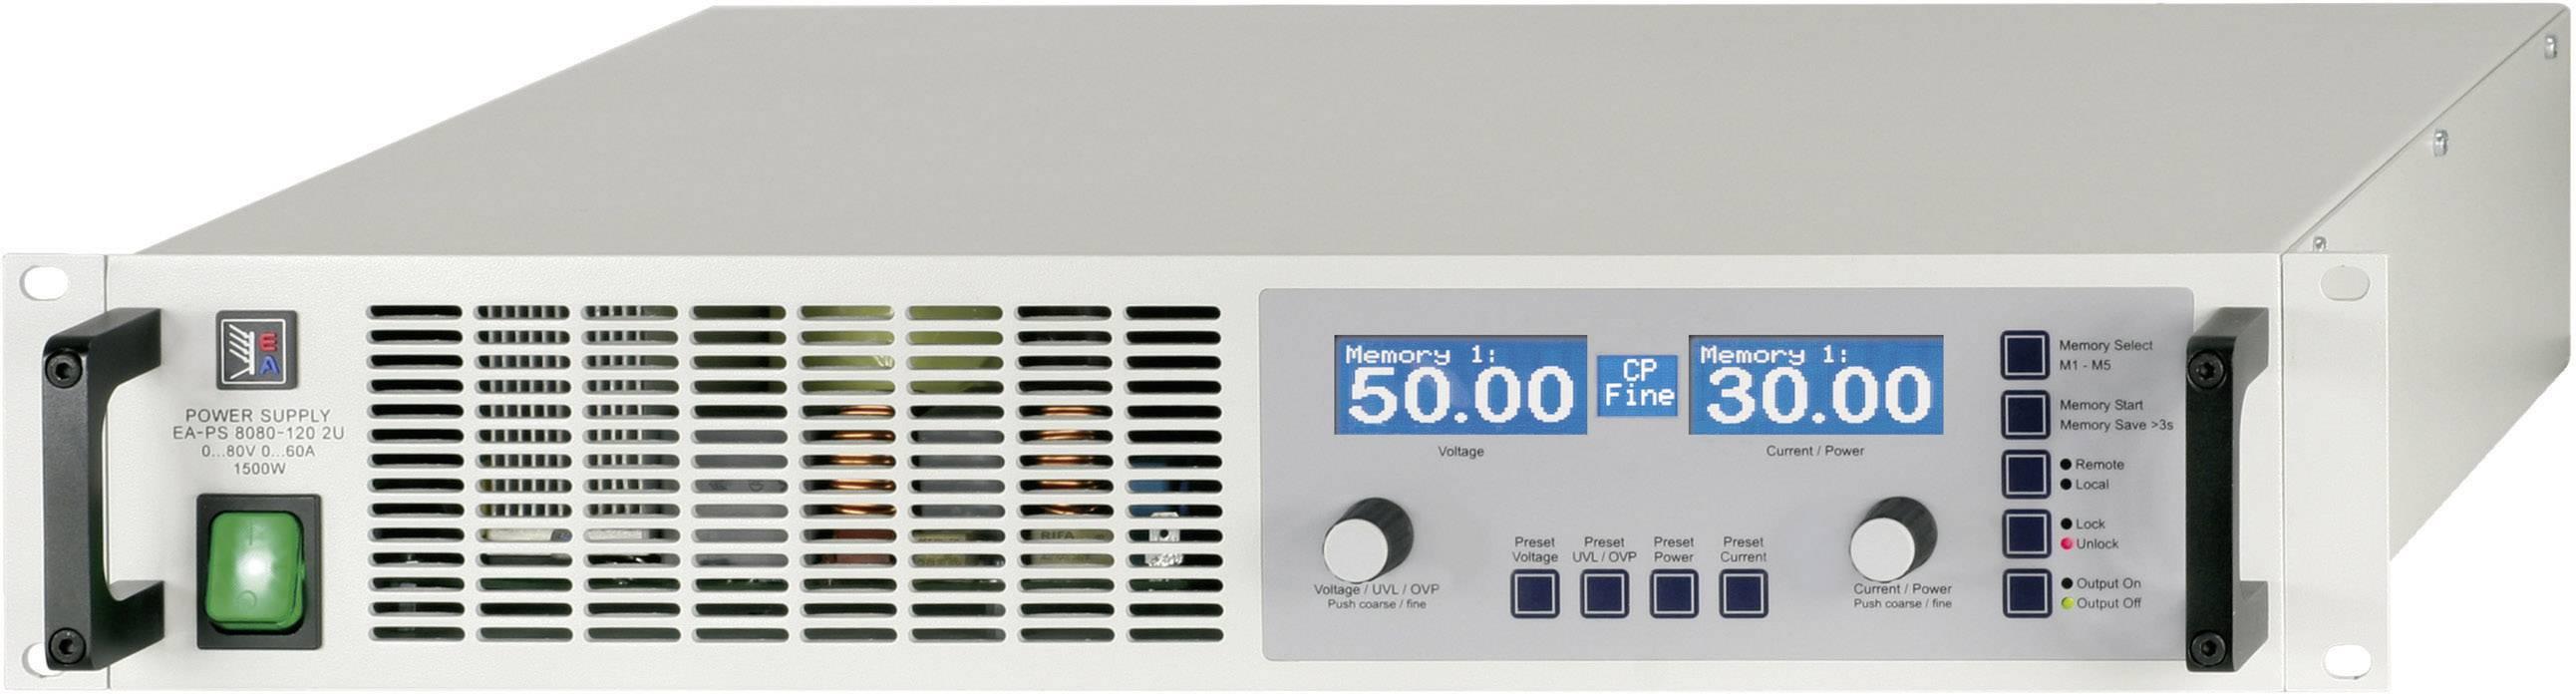 Regulovateľný laboratórny zdroj EA-PS 8360-30 2U, 0 - 360 V/DC, 0 - 30 A, 3000 W